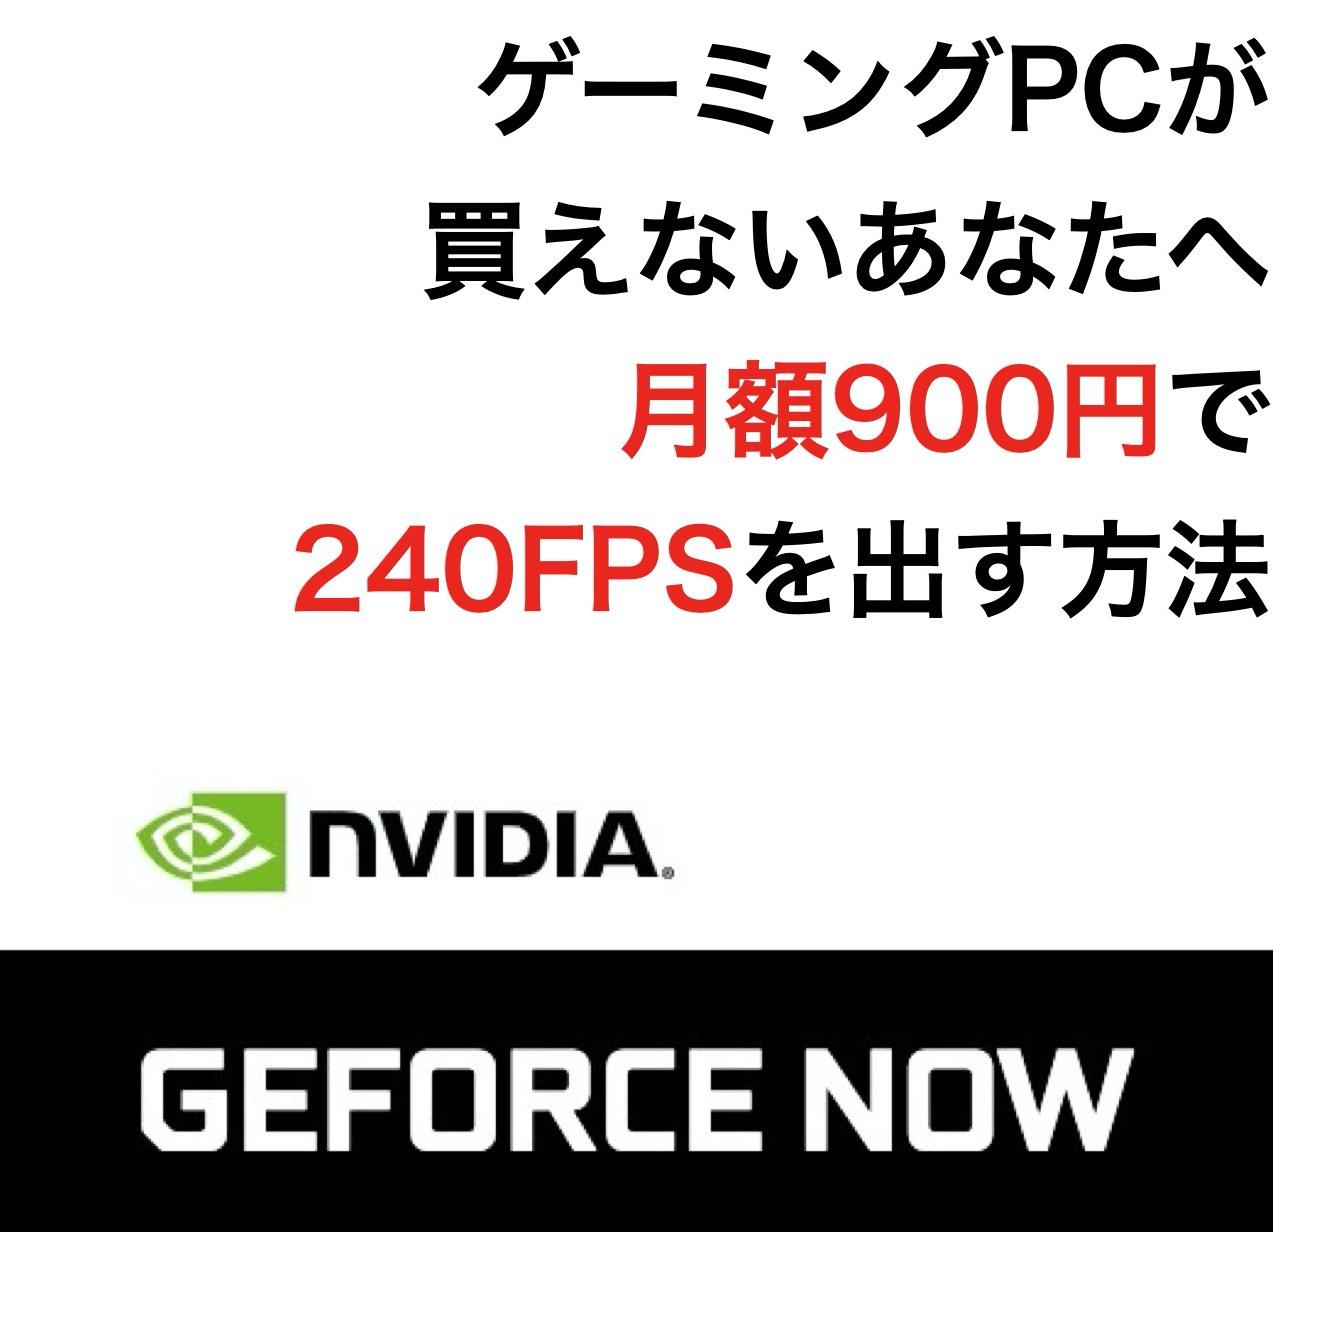 ゲーミングPCは値段が高すぎ!月額900円で240FPS出す方法